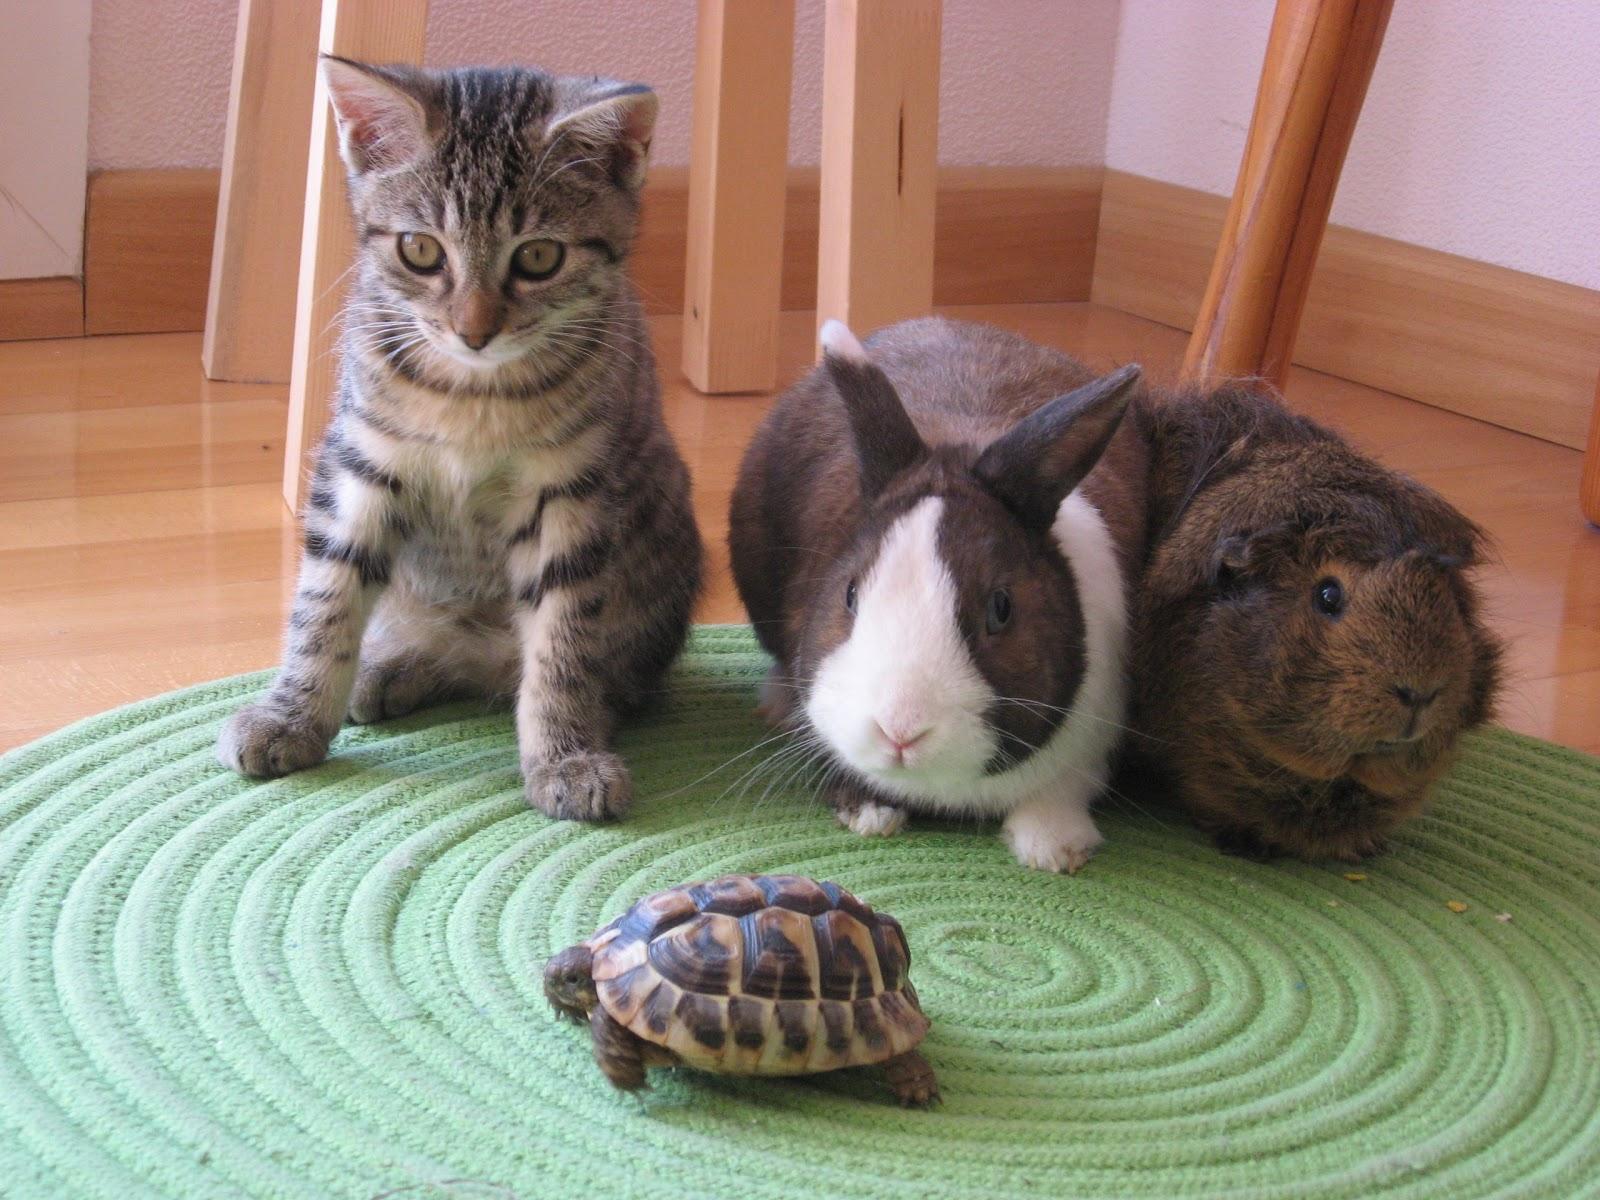 Nos petits freres les animaux lapin et tortue photos - Photo de lapin mignon ...